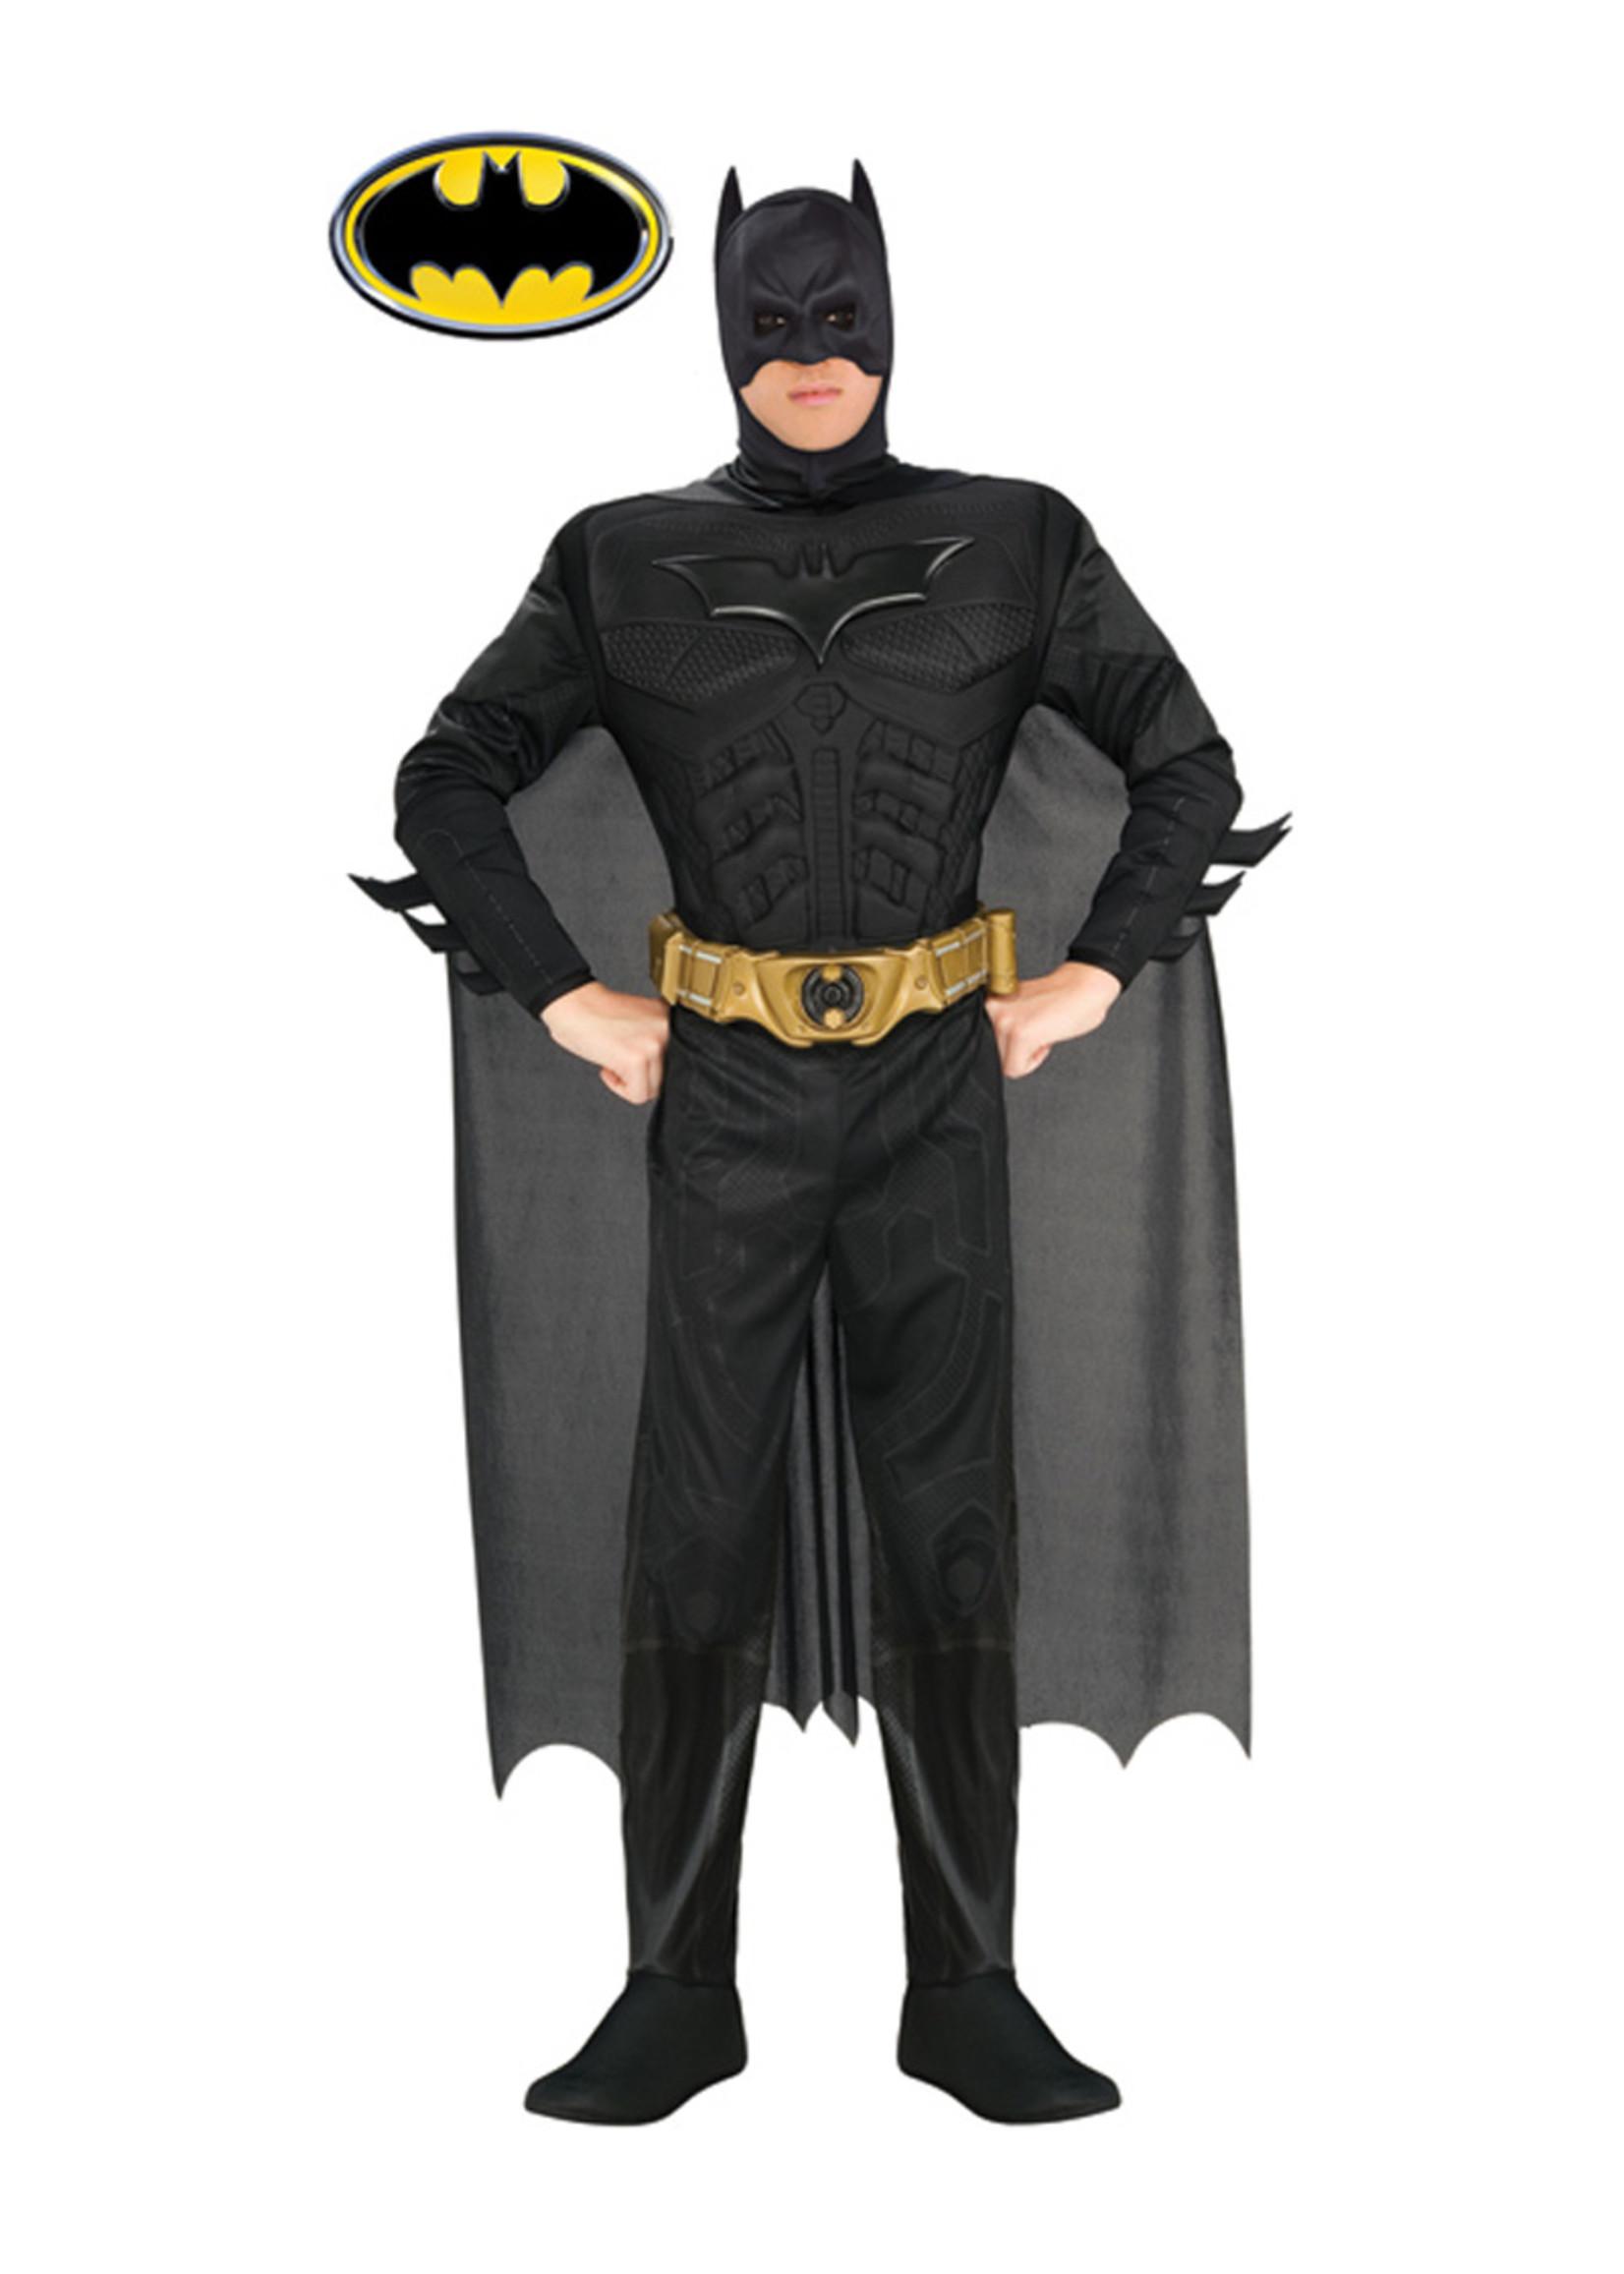 Batman Deluxe Costume - Men's